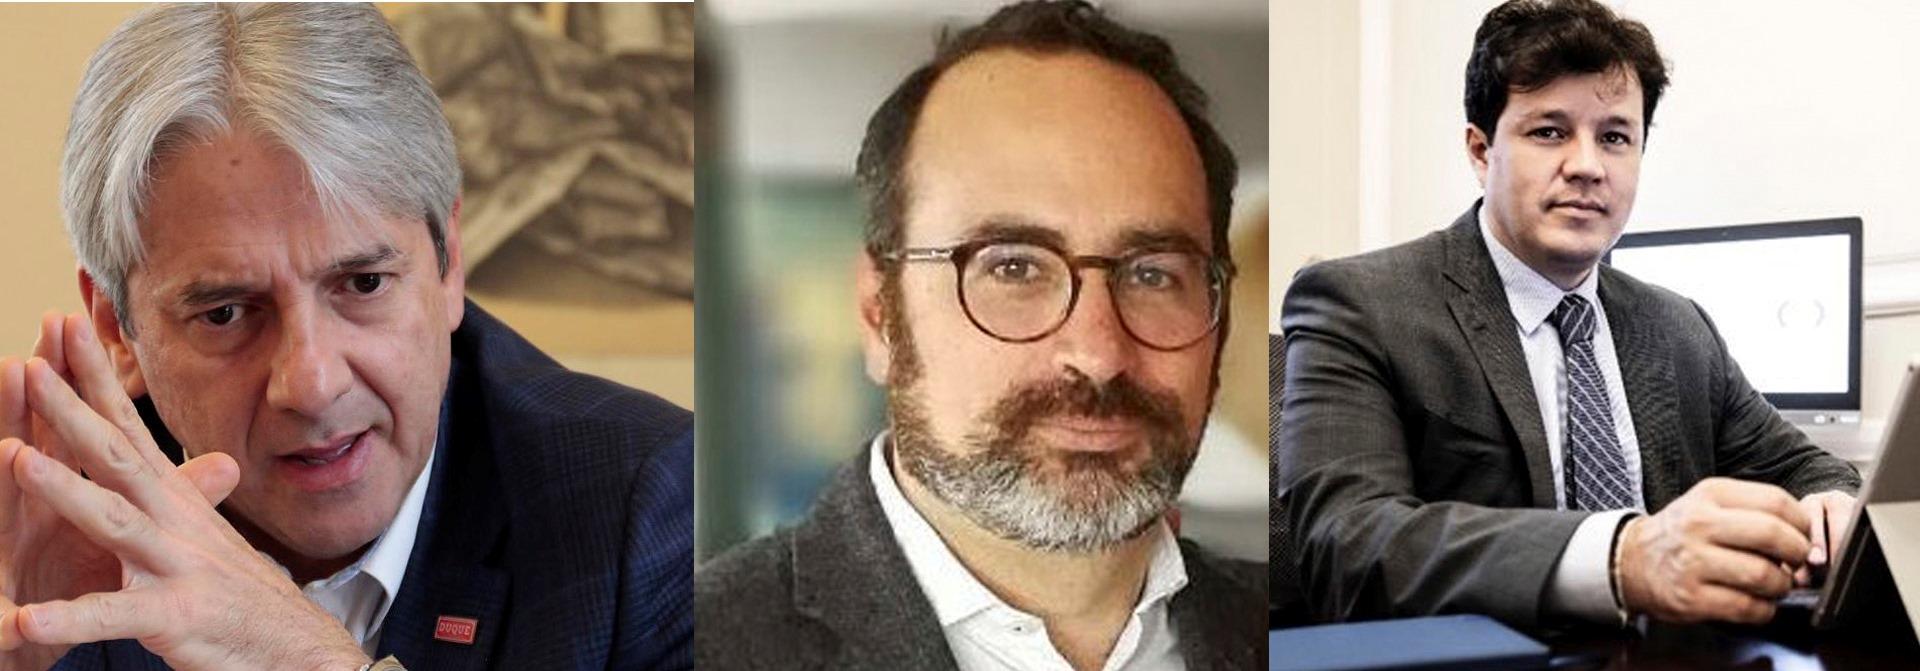 Jaime Amín, Alberto Salas y Víctor Muñoz.